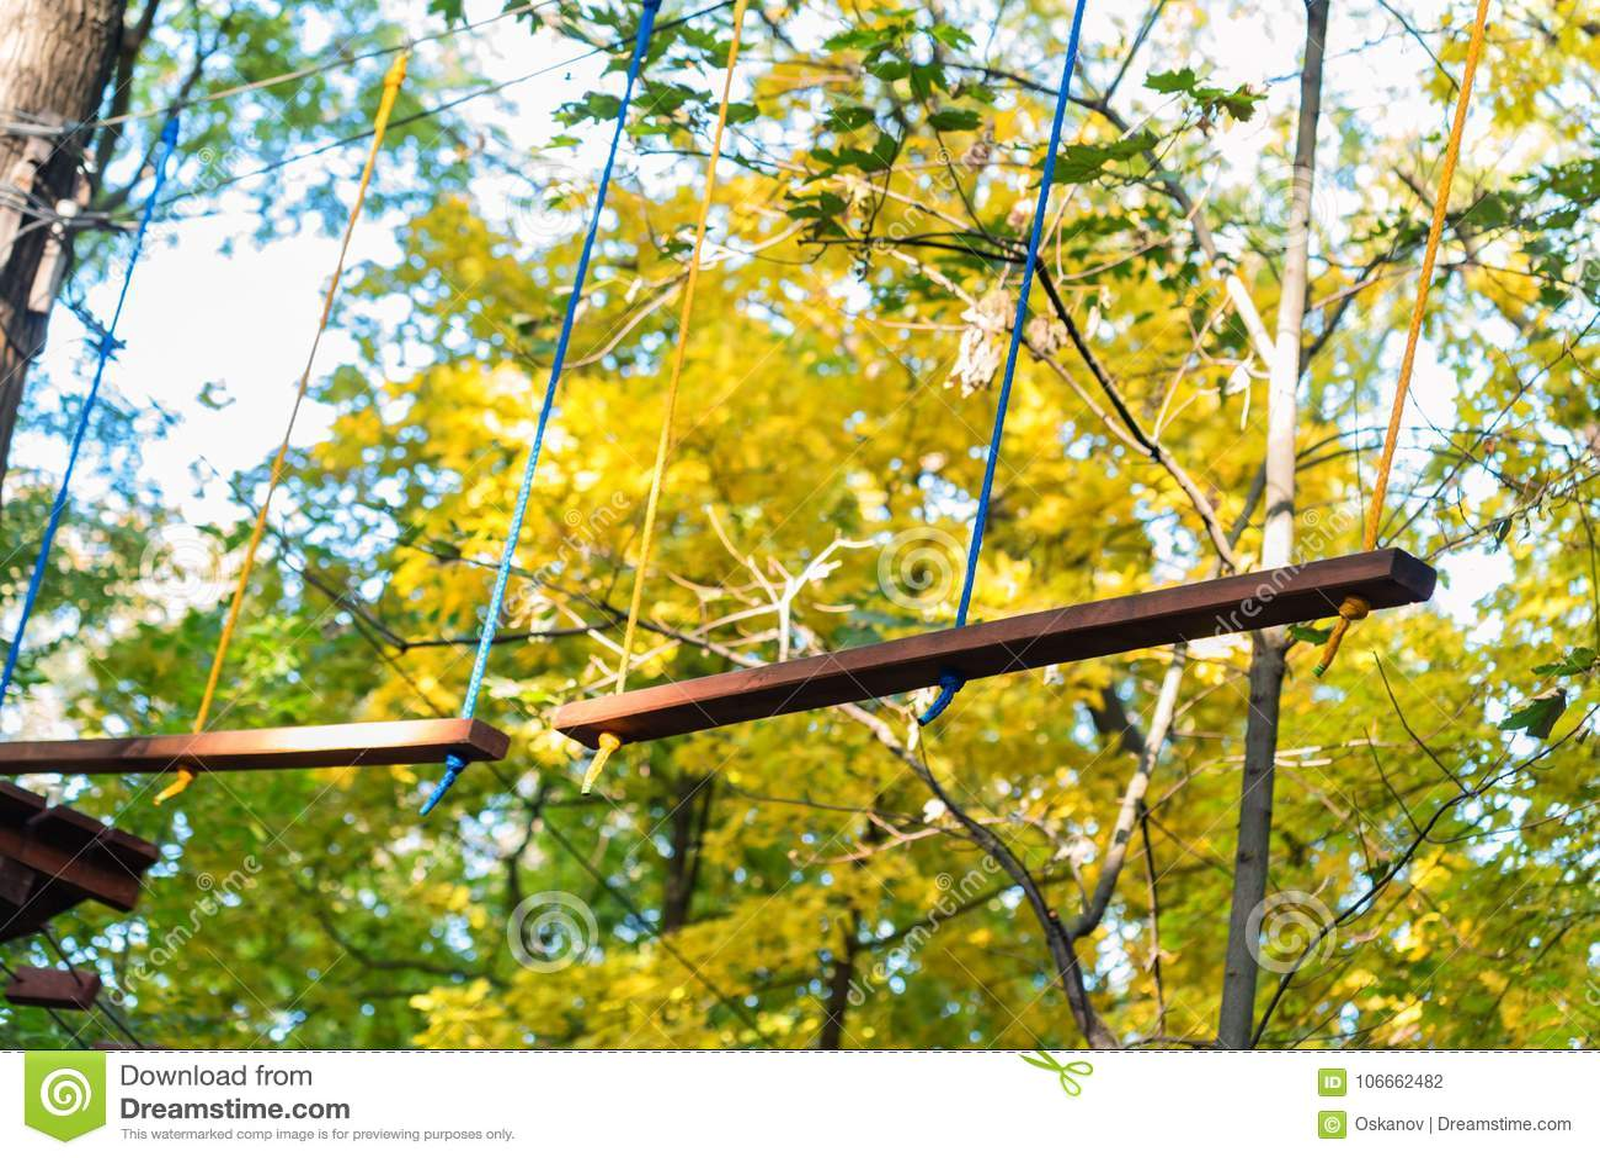 Cordes de parc d aventure pour s élever